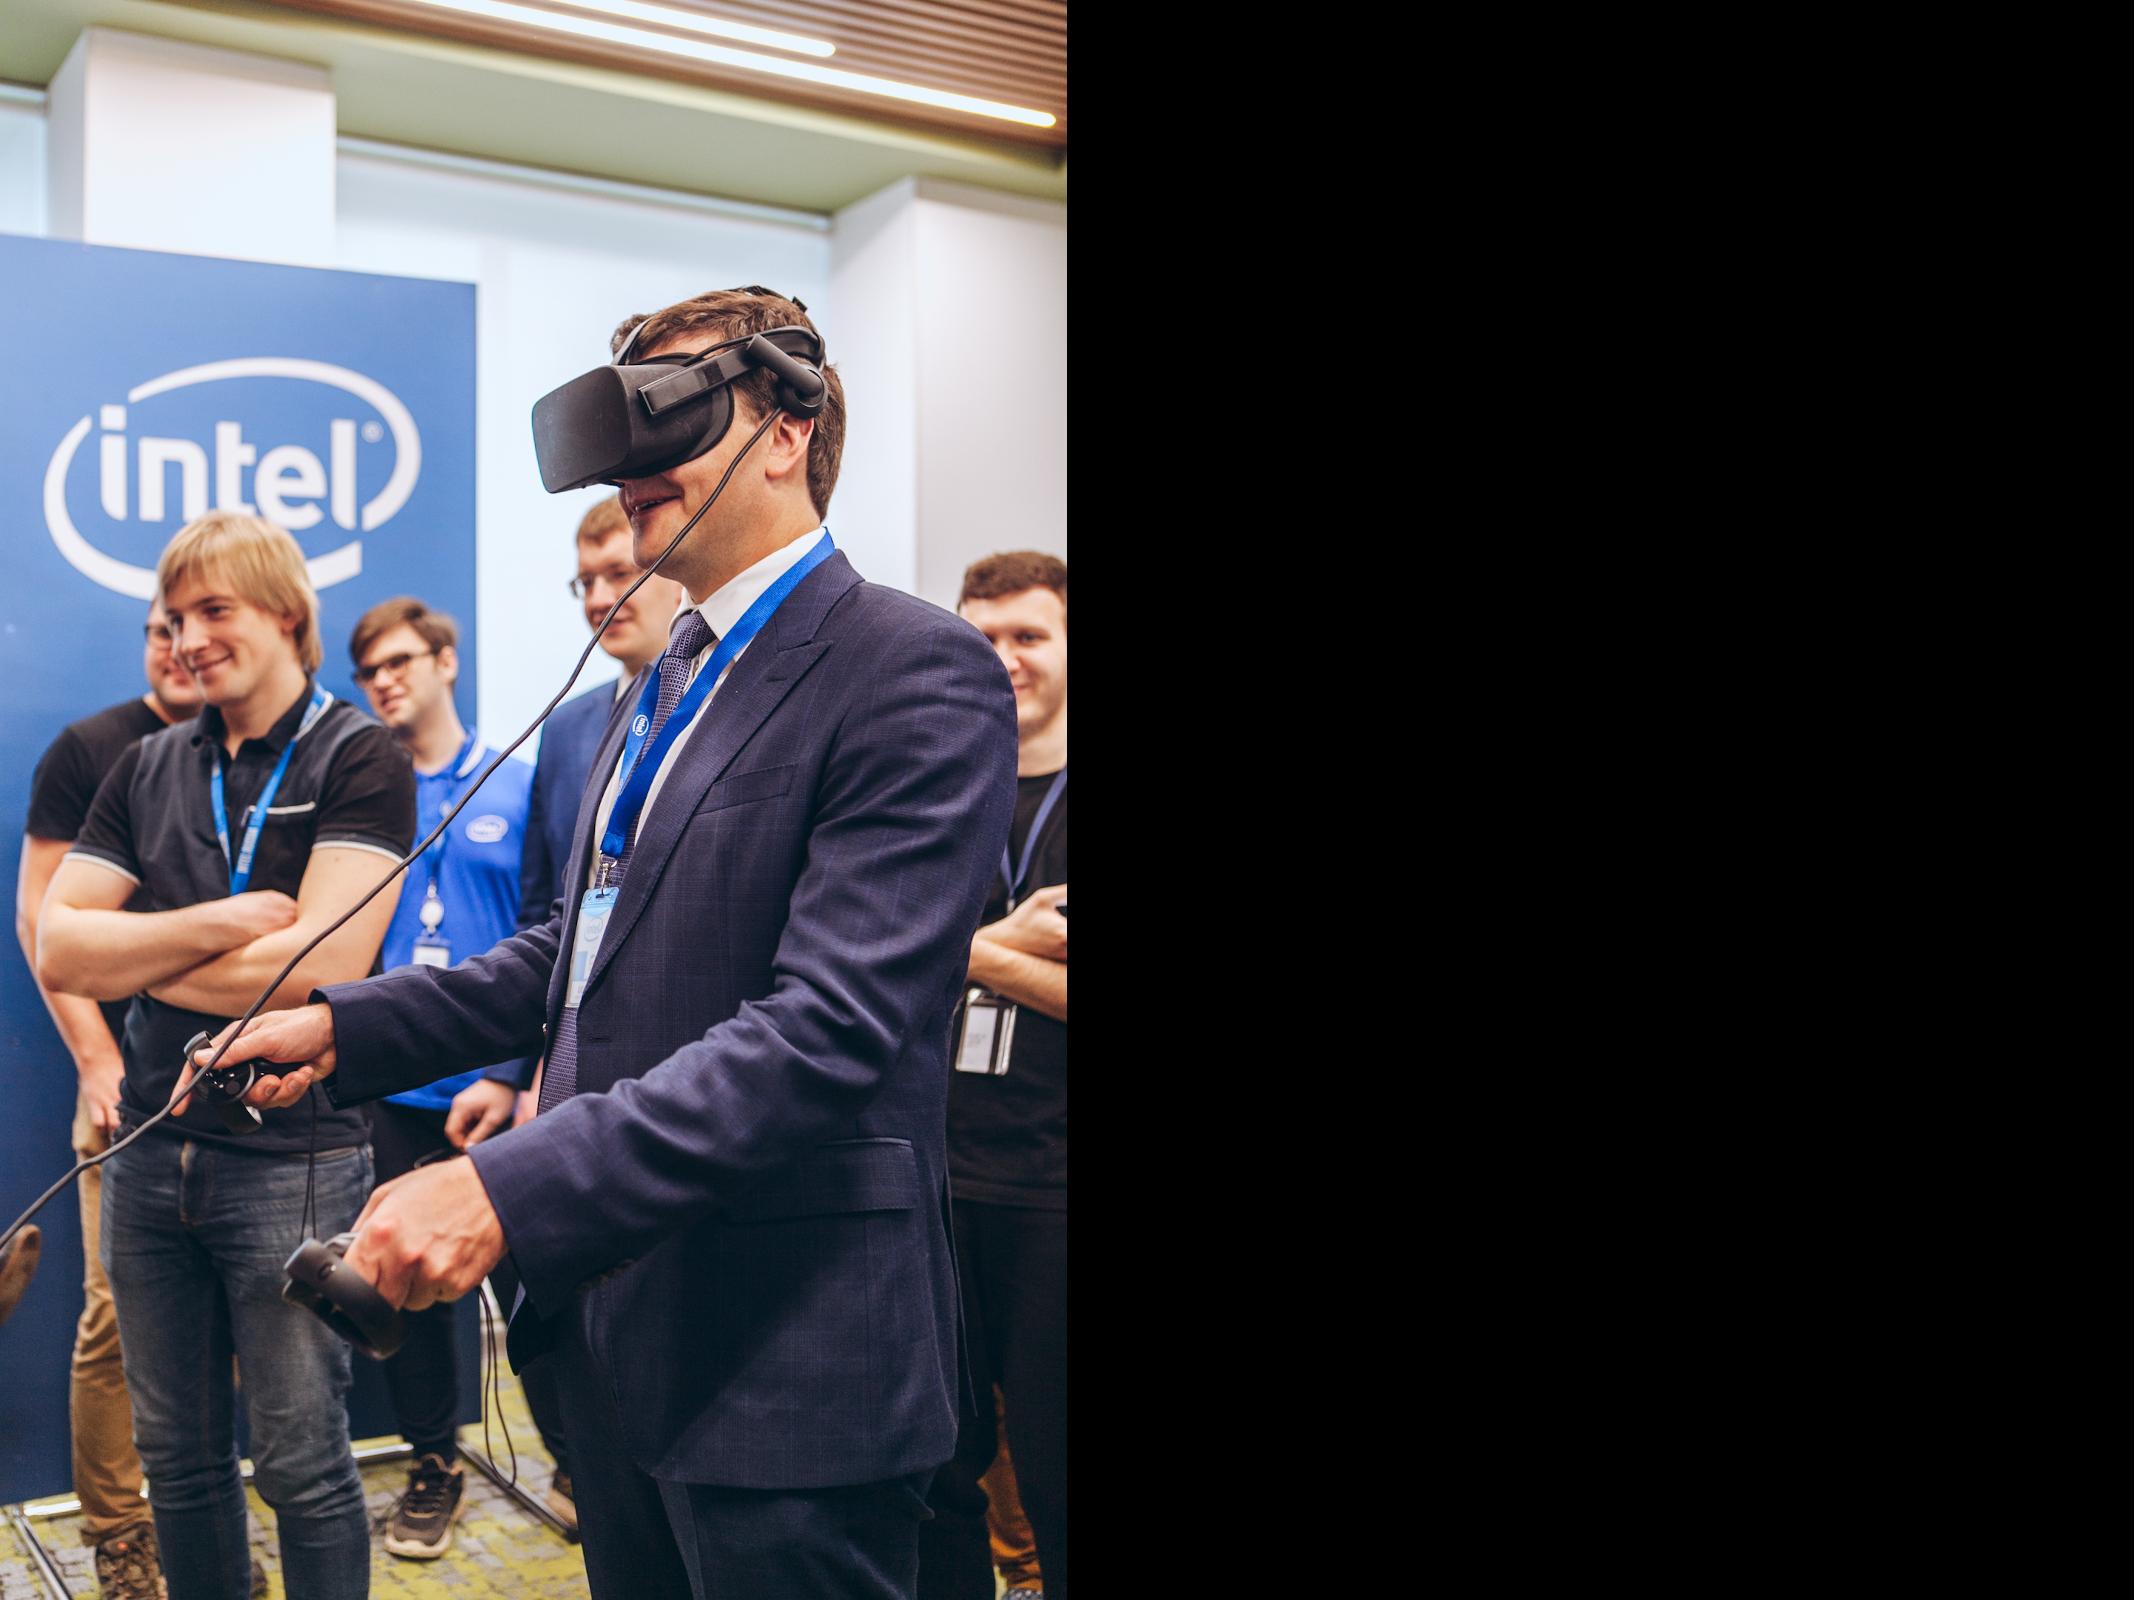 Intel: «Мы работаем с технологиями, которые опережают время»